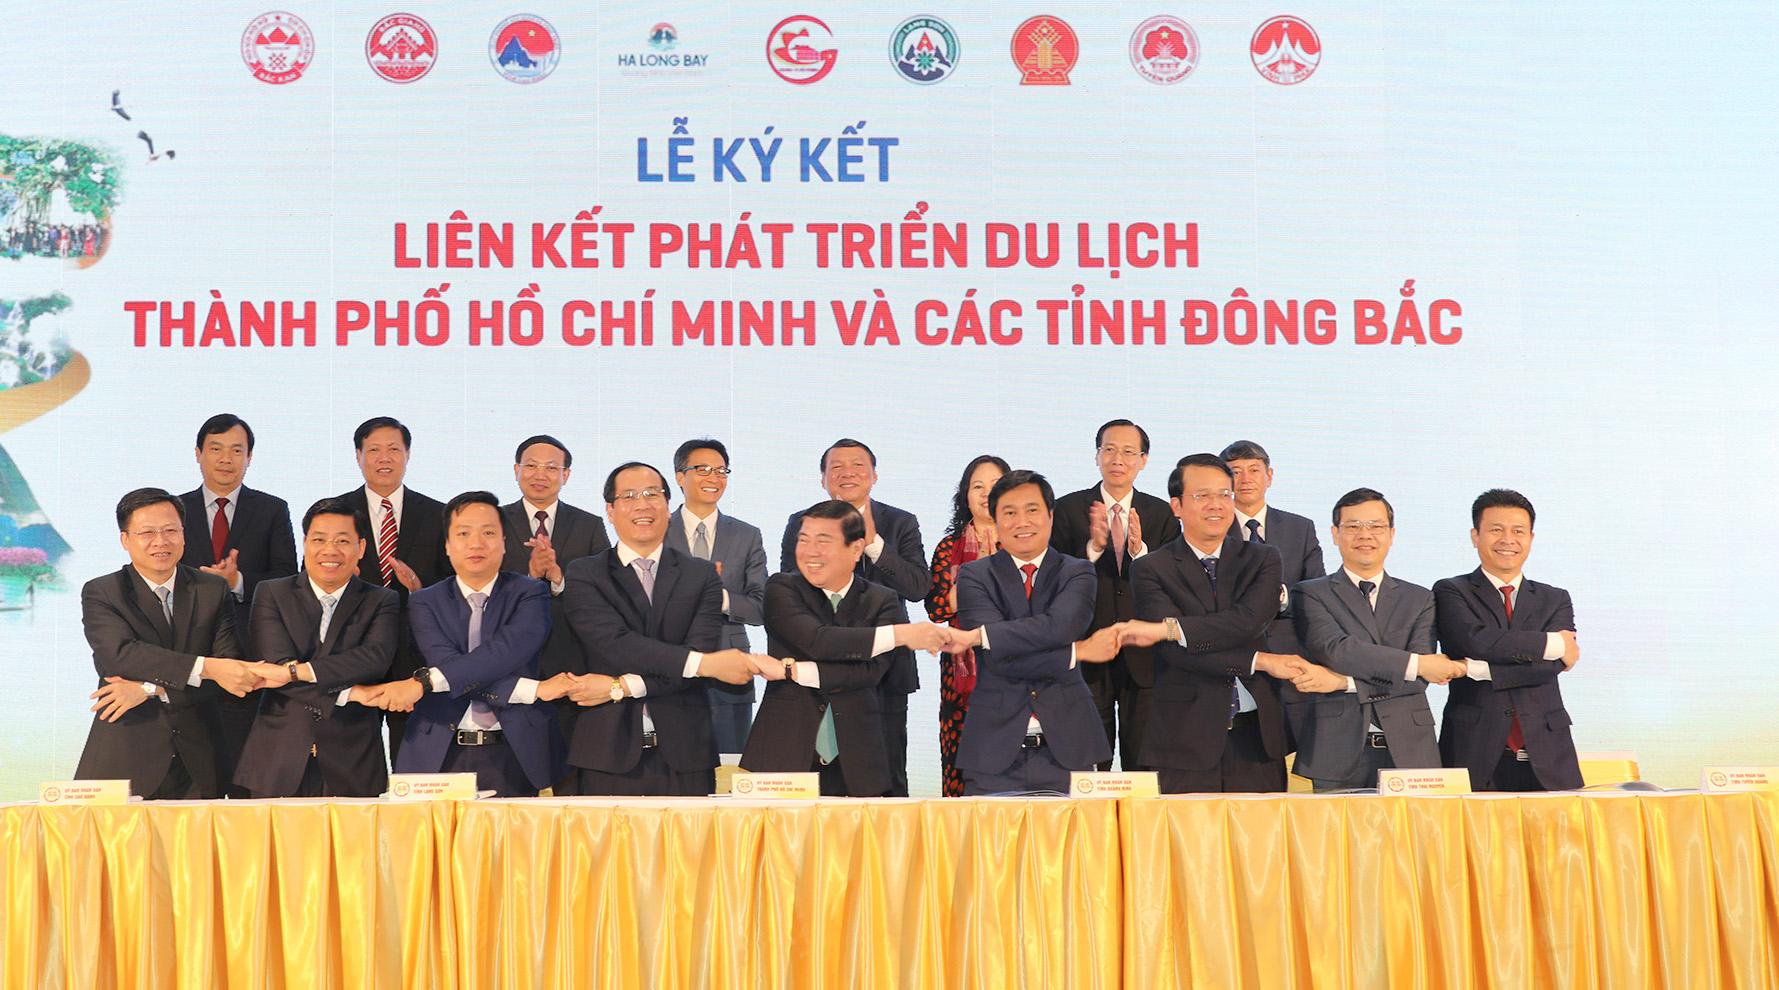 Bắc Giang, Hội nghị liên kết phát triên du lịch TP Hồ Chí Minh, tỉnh Đông Bắc